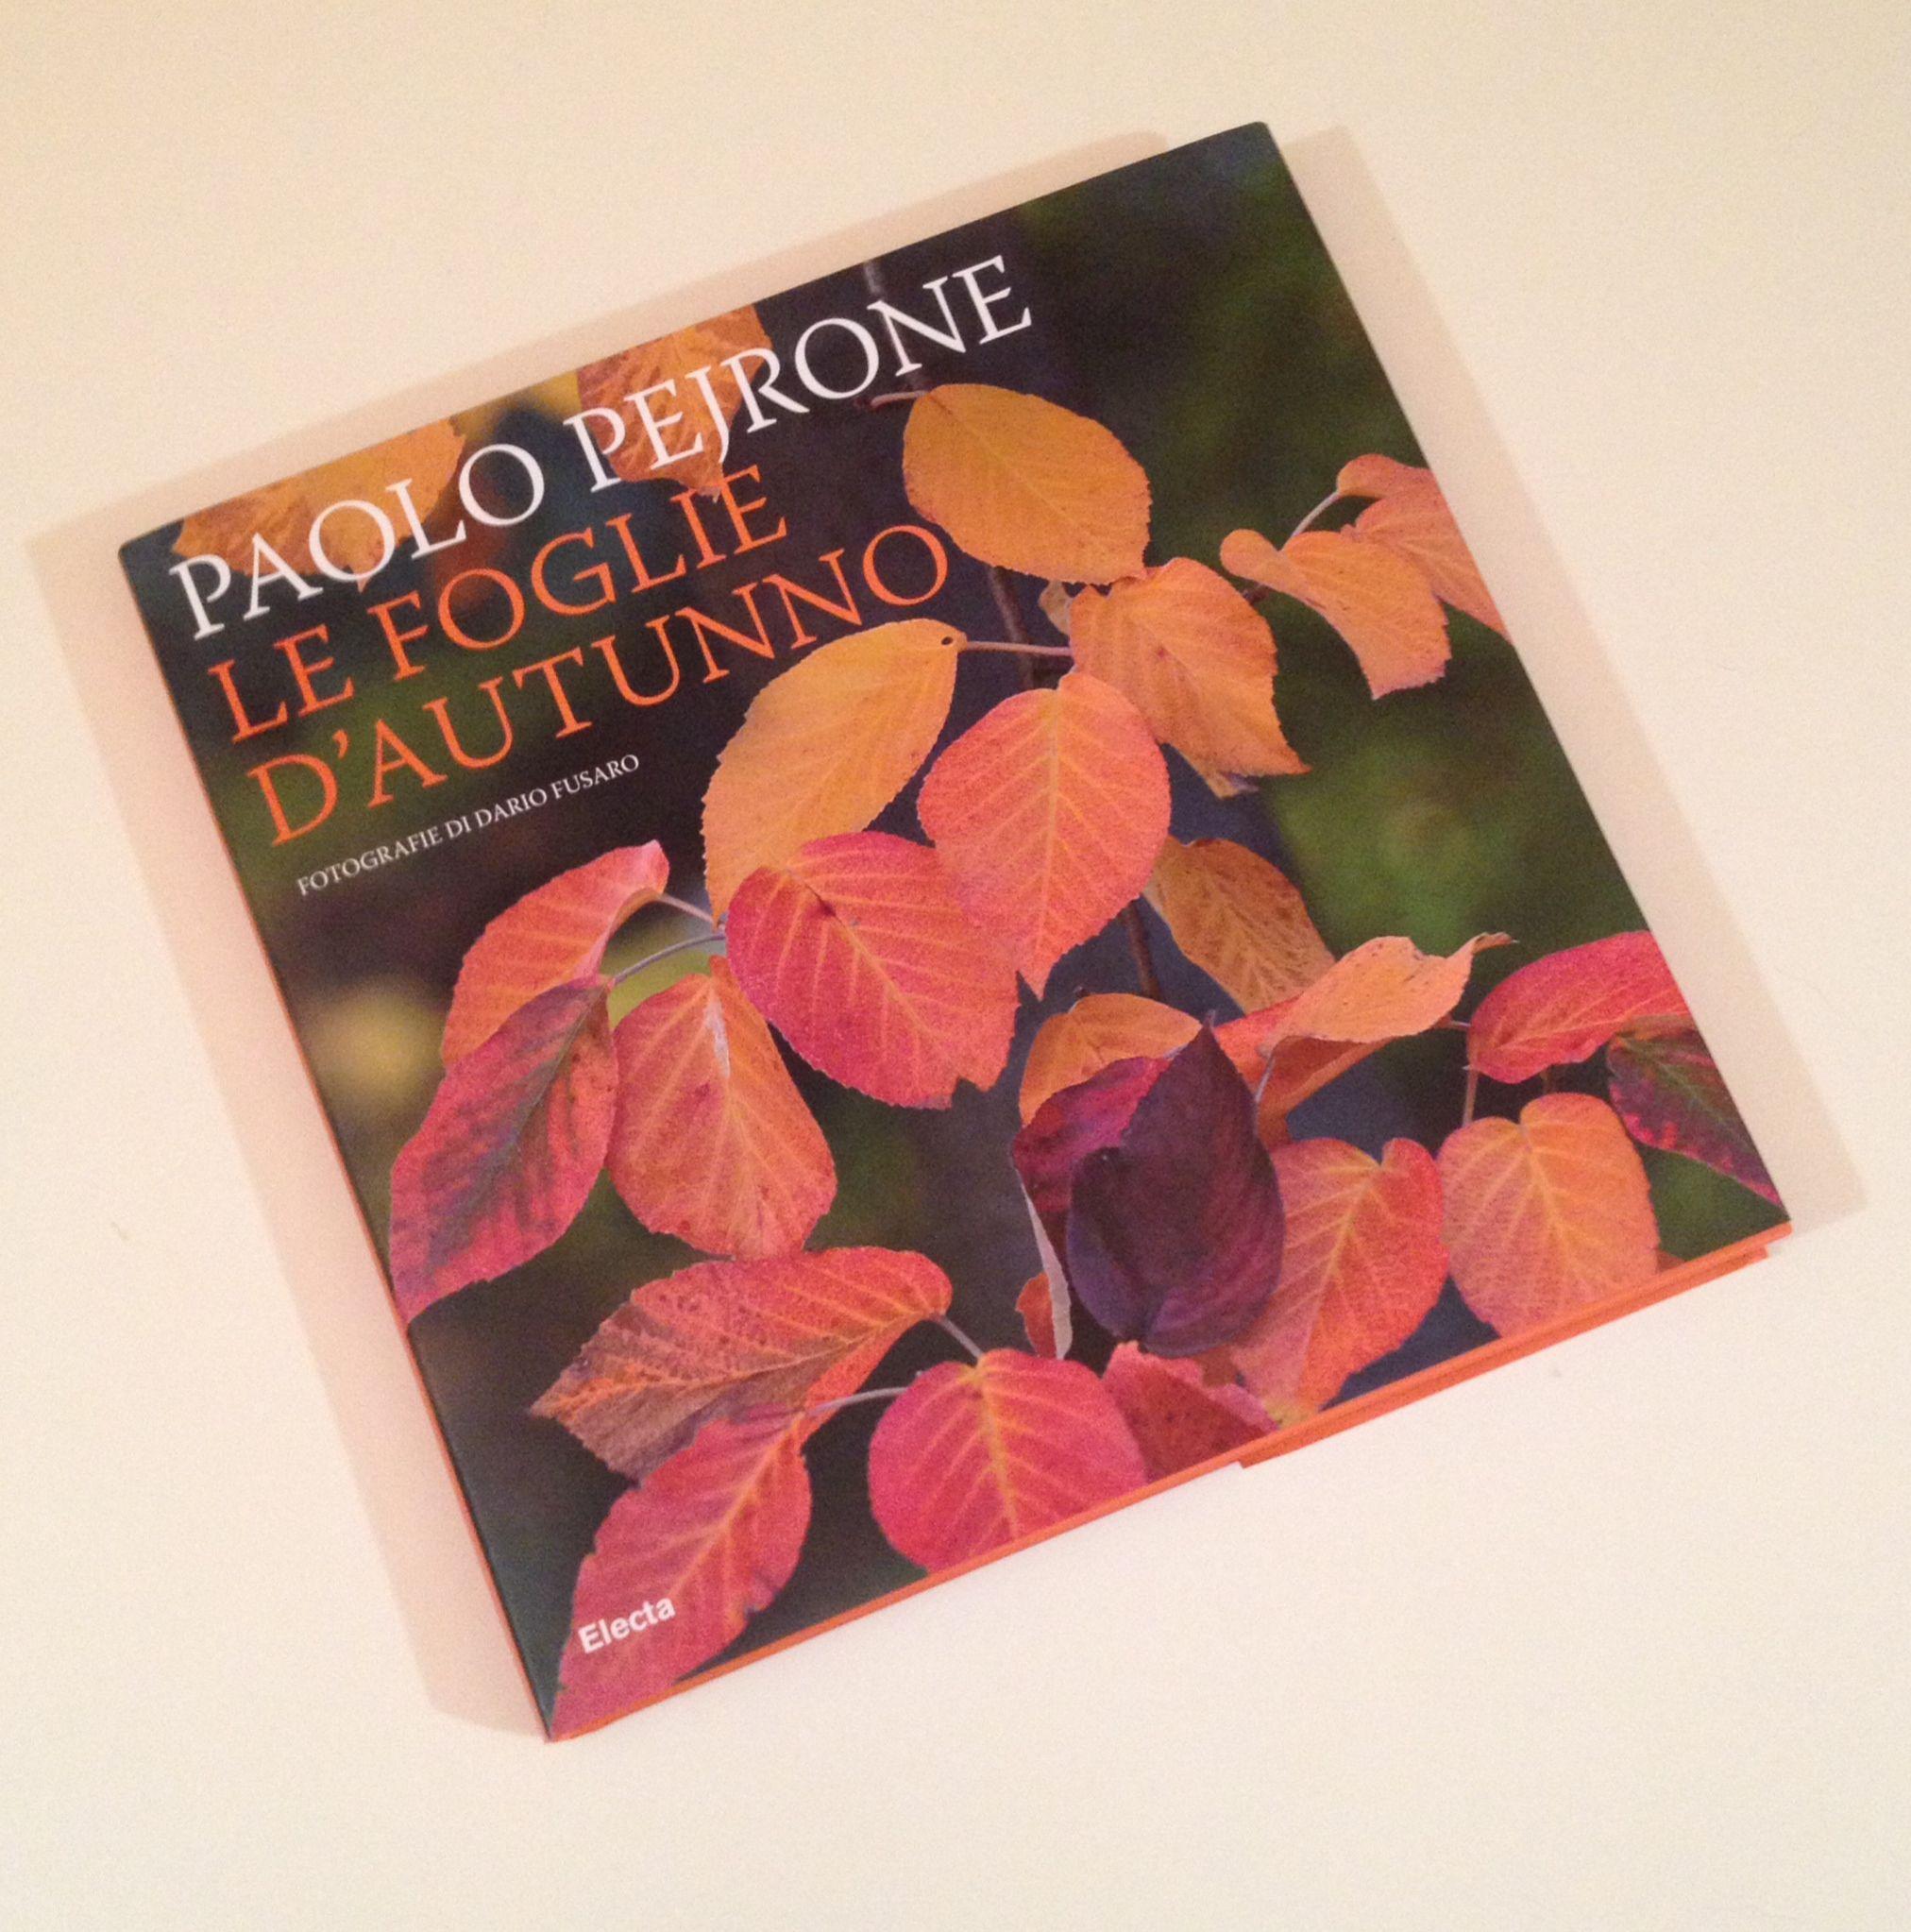 """Il racconto della presentazione di oggi al circolo dei lettori di Torino: """"Le foglie d'autunno"""" di Paolo Pejrone http://jardinmonamour.blogspot.it/2014/10/le-foglie-dautunno-incontro-con.html"""